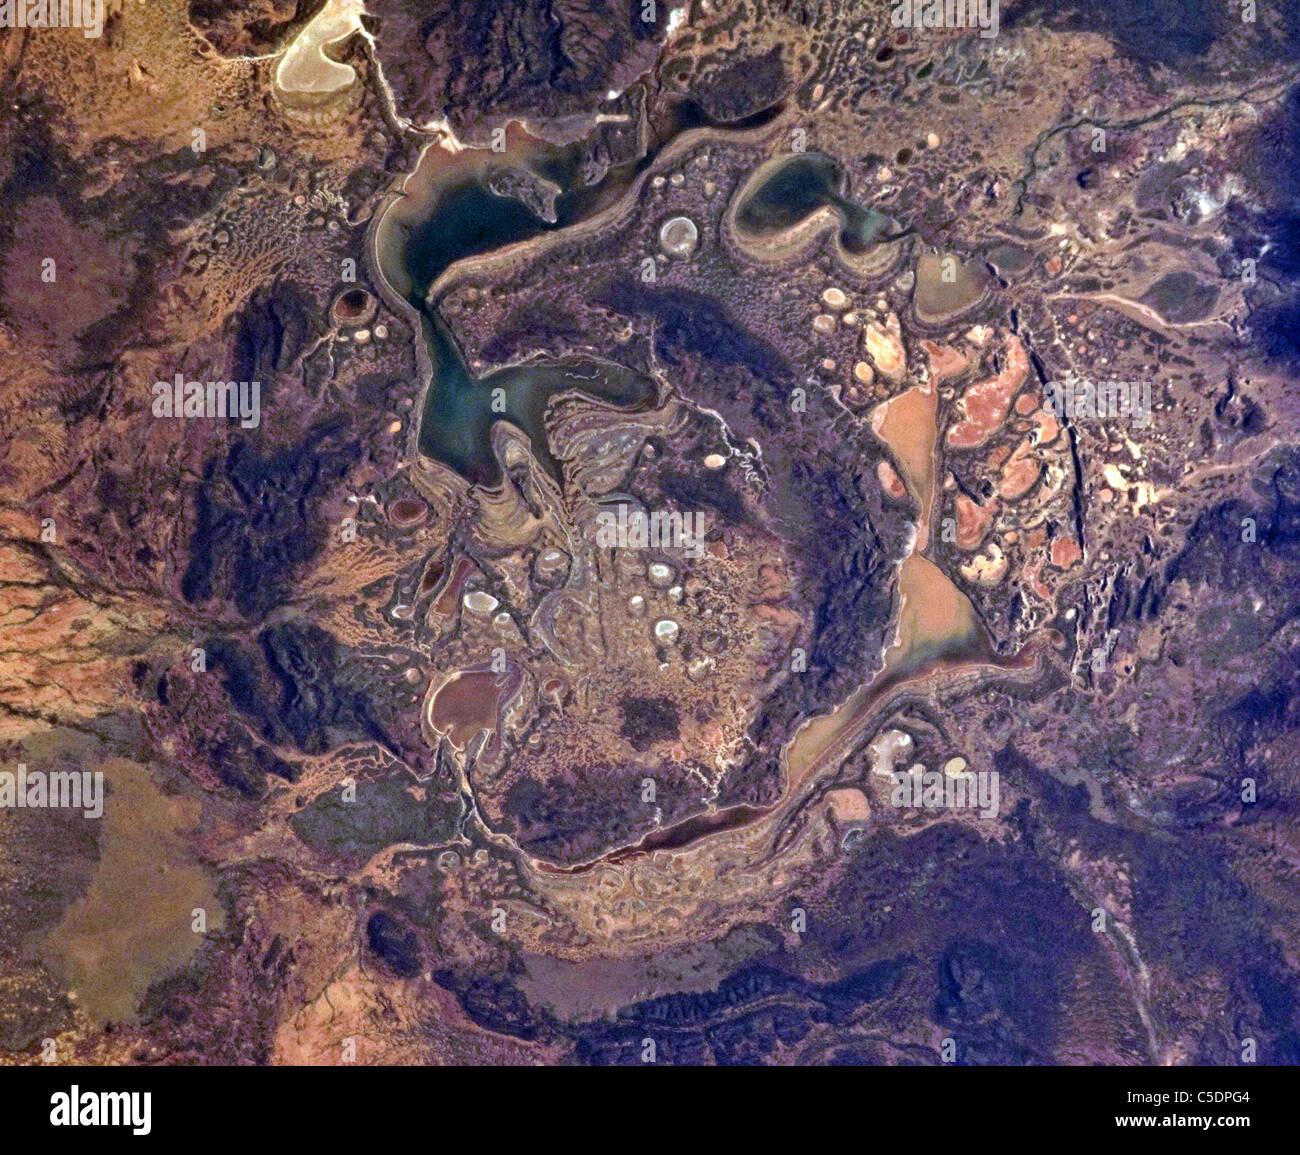 Il calzolaio (ex Teague) Impatto struttura situata in Australia occidentale in un bacino di drenaggio a sud della Immagini Stock